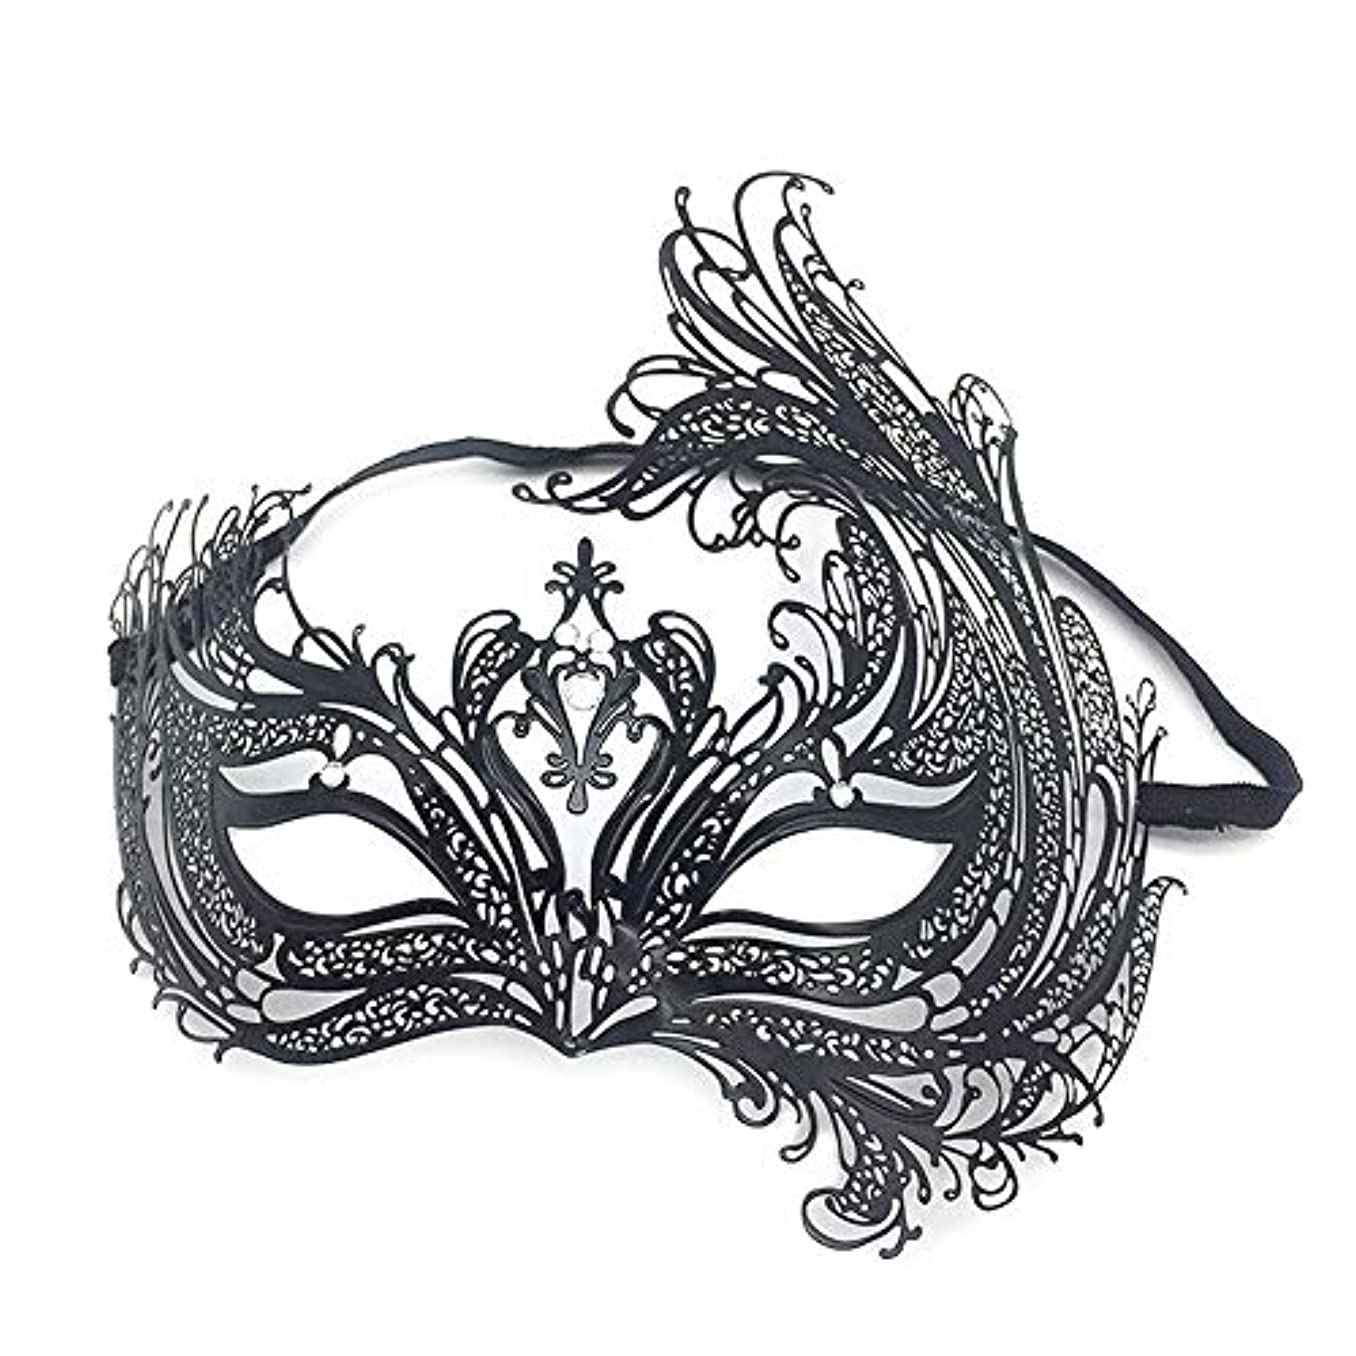 補助怠けた着るダンスマスク 仮面舞踏会パーティーブラックセクシーハーフフェイスフェニックスハロウィーンロールプレイングメタルマスクガール ホリデーパーティー用品 (色 : ブラック, サイズ : 20x19cm)